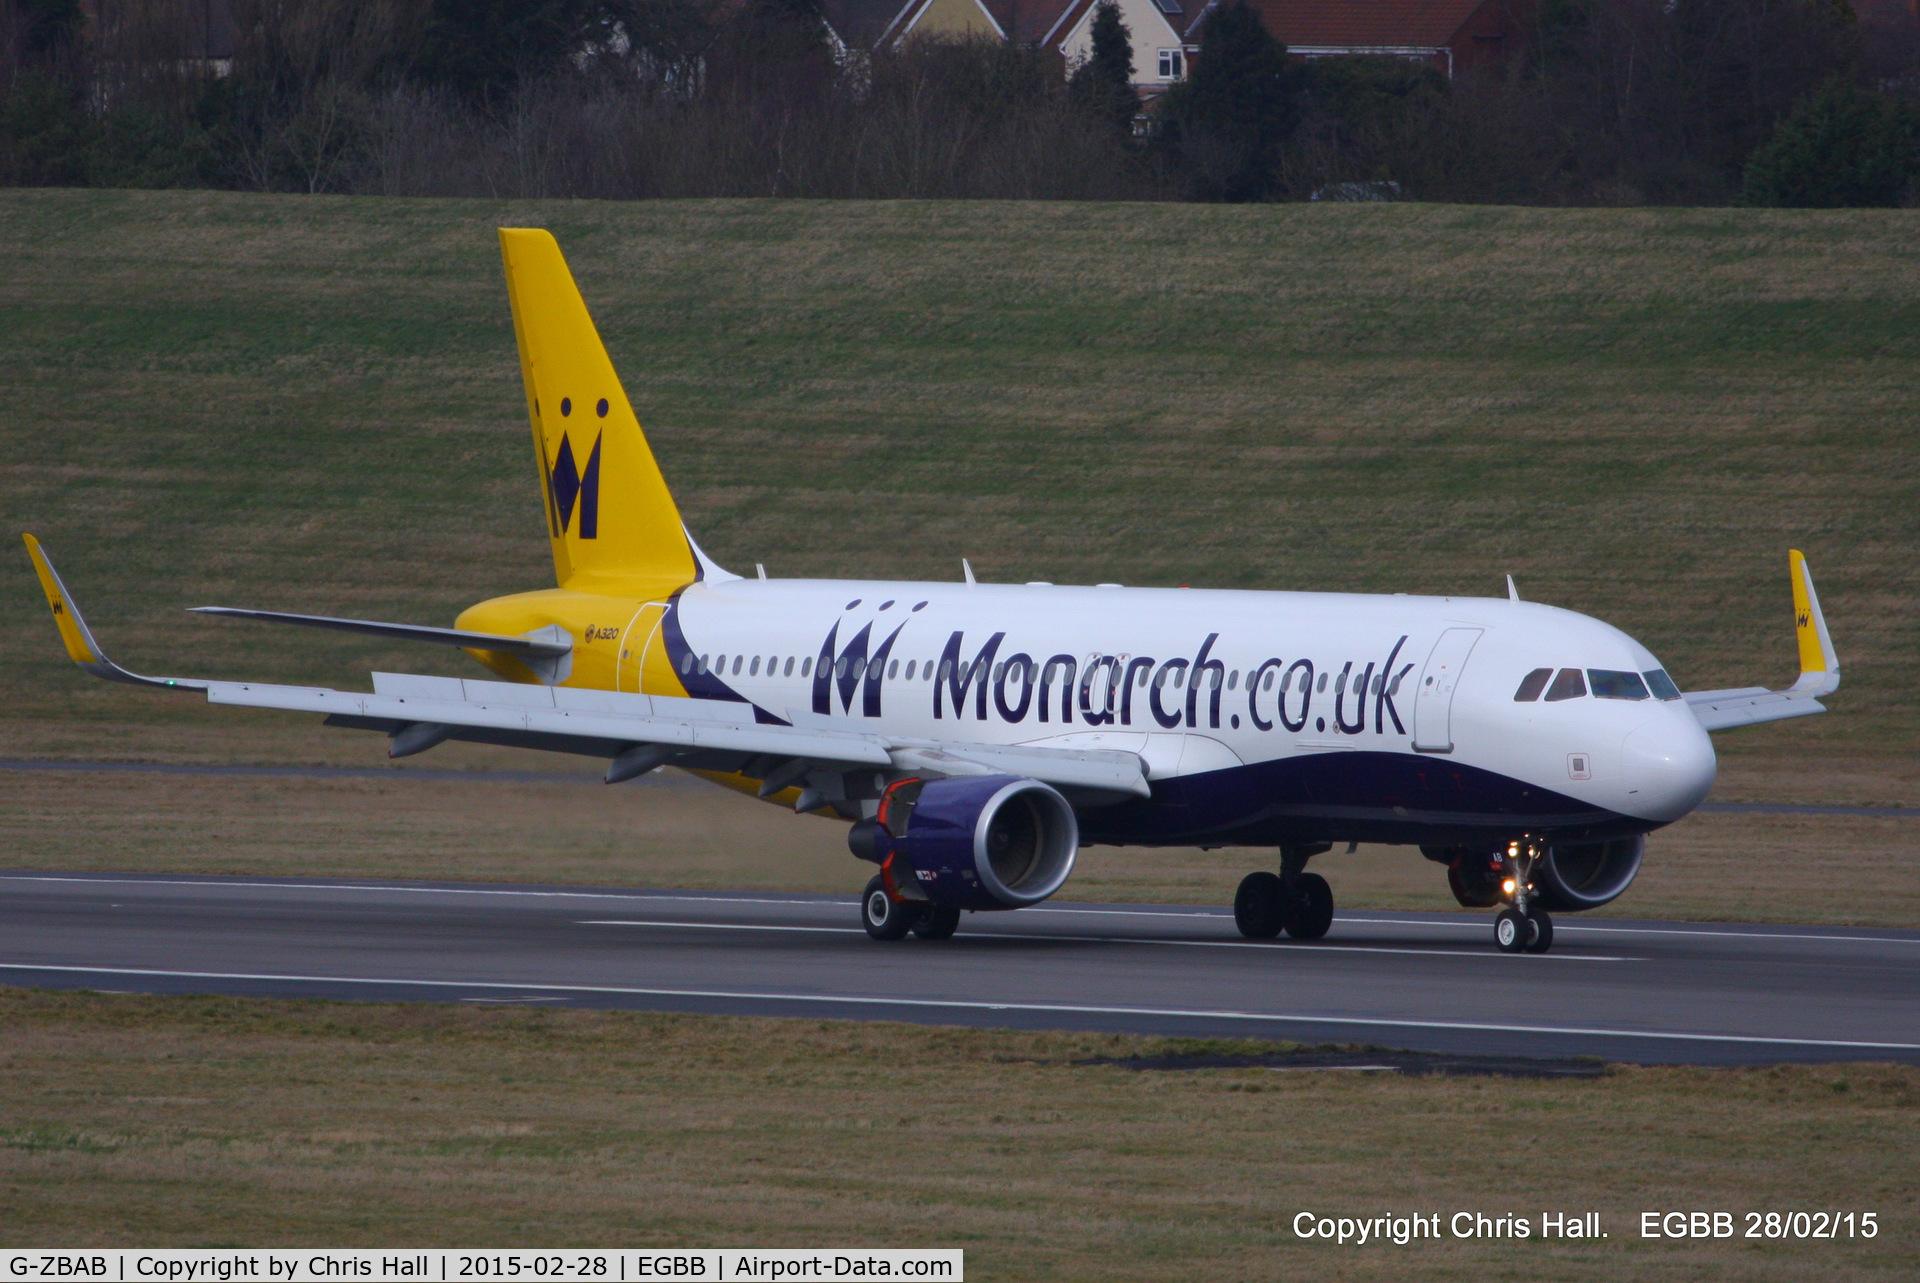 G-ZBAB, 2013 Airbus A320-214 C/N 5581, Monarch